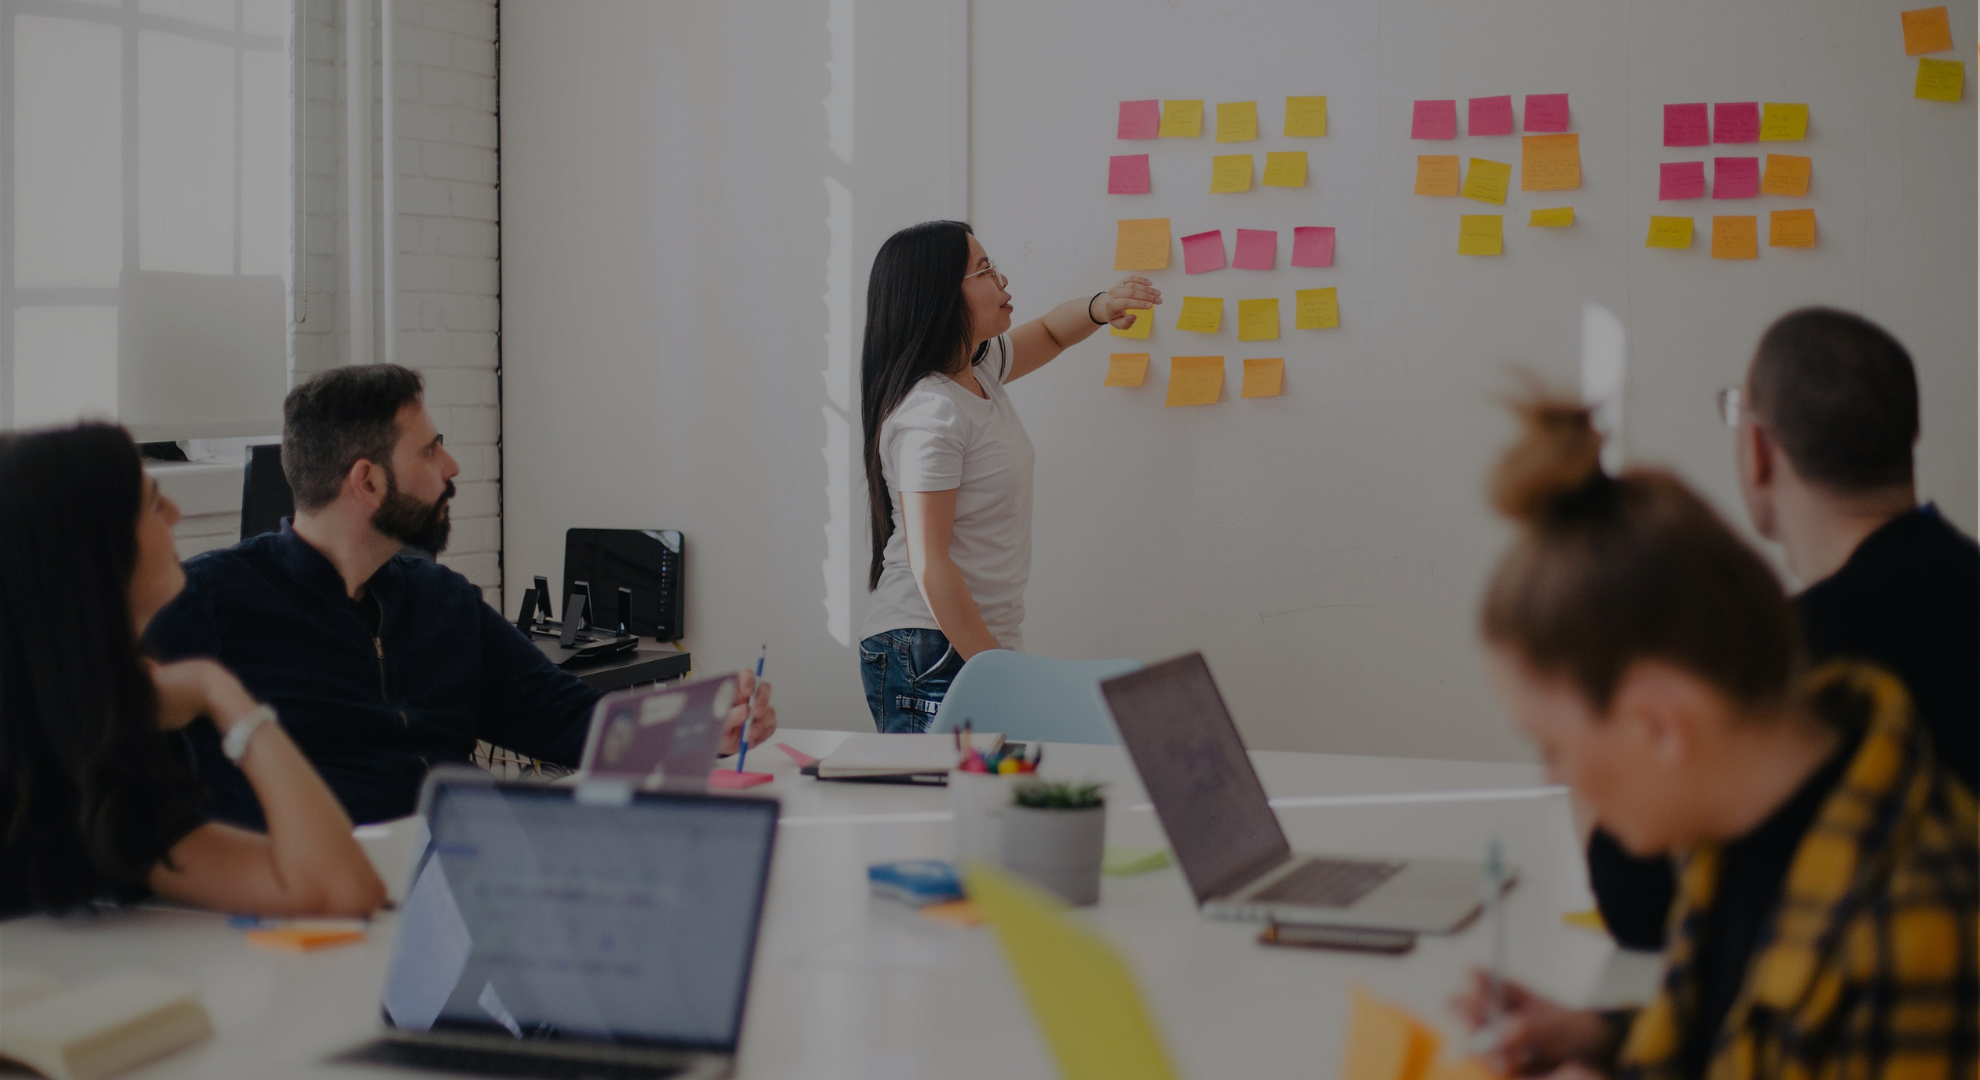 ¿Qué son las metodologías ágiles y cómo potencian el trabajo en equipo?